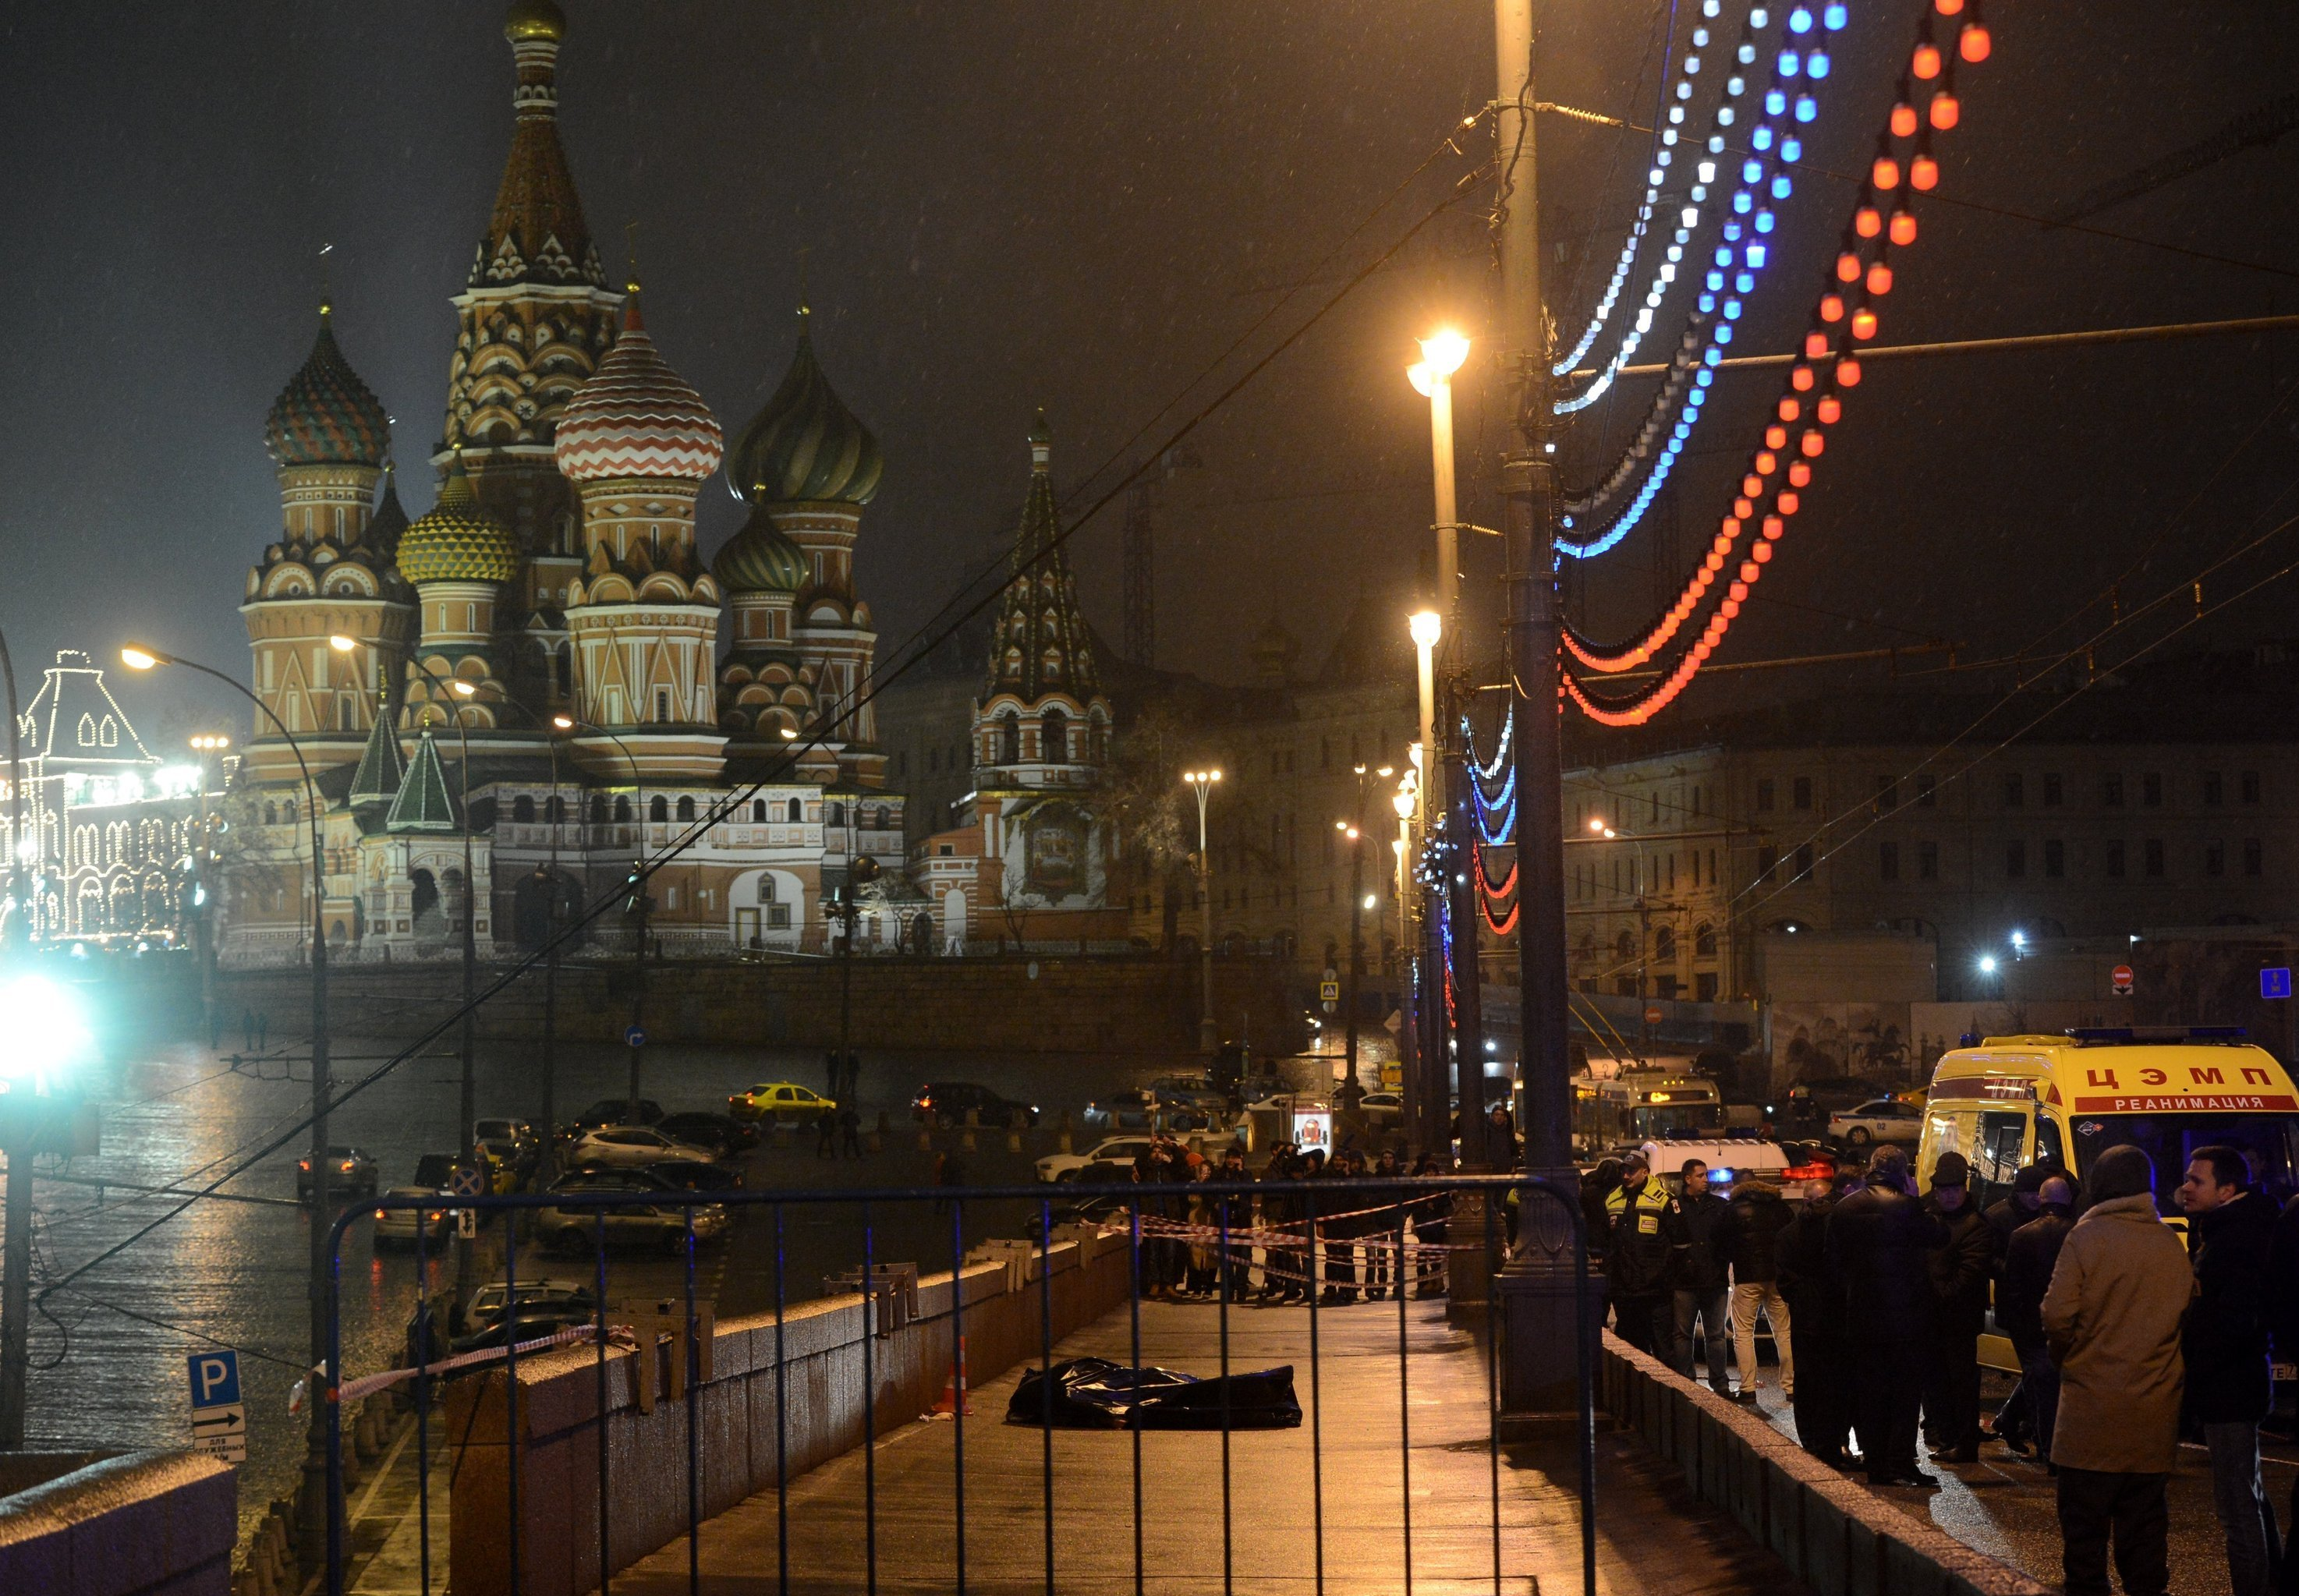 Opozycyjny rosyjski polityk Borys Niemcow został zastrzelony w centrum Moskwy